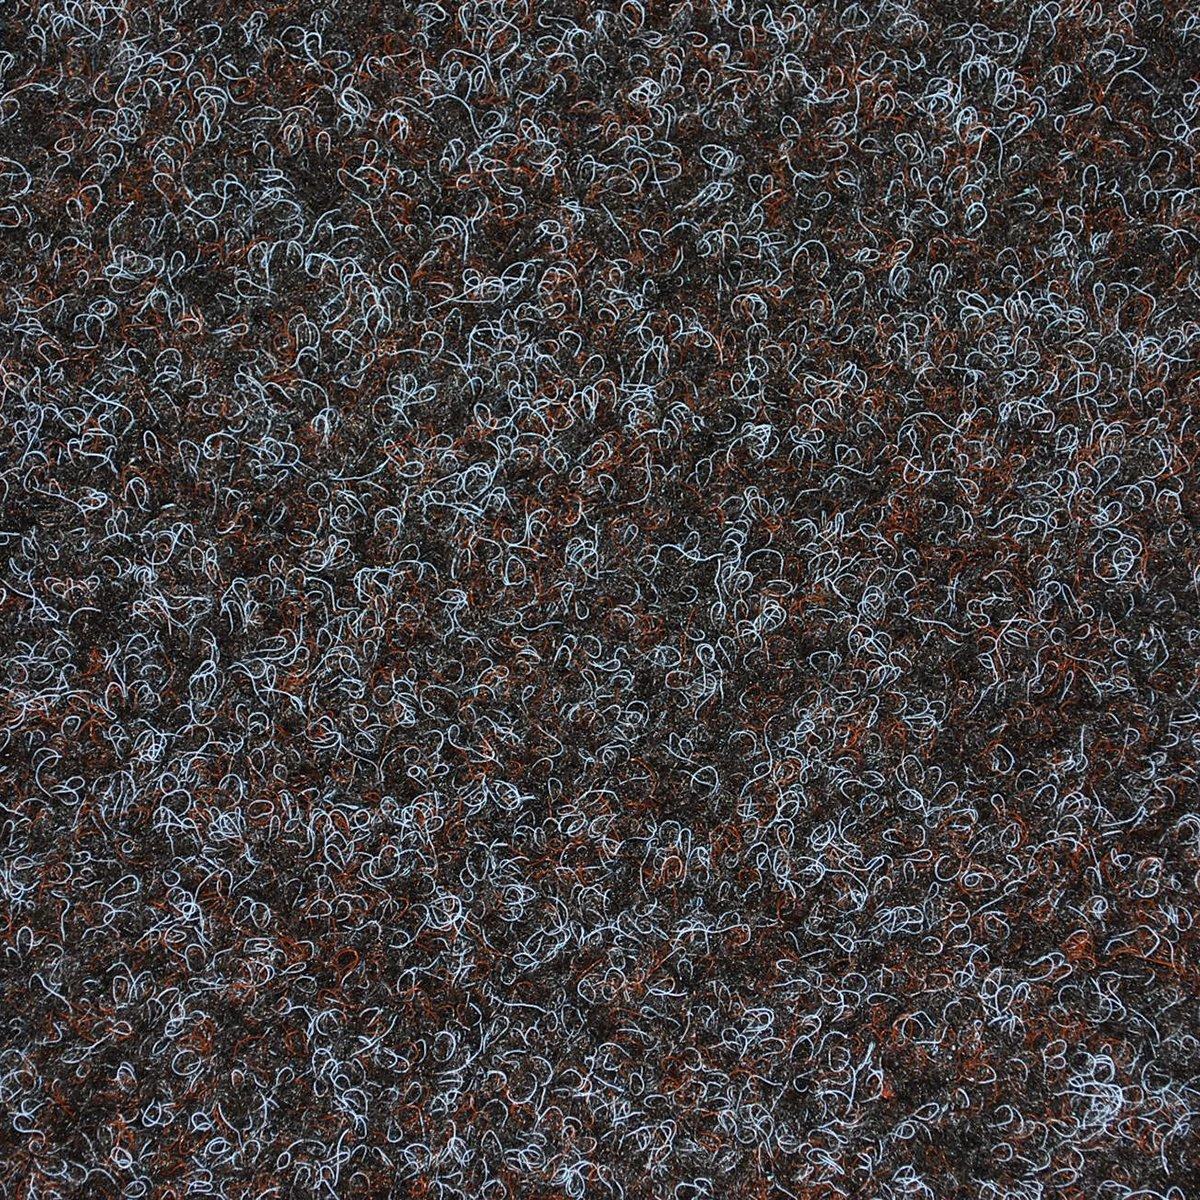 Havatex Rasenteppich Kunstrasen mit Noppen Noppen Noppen 1.550 g m² - robuster schadstoffgeprüfter Nadelfilz   wasserdurchlässig strapazierfähig   Balkon Terrasse Camping, Farbe Anthrazit, Größe 200 x 300 cm f50012